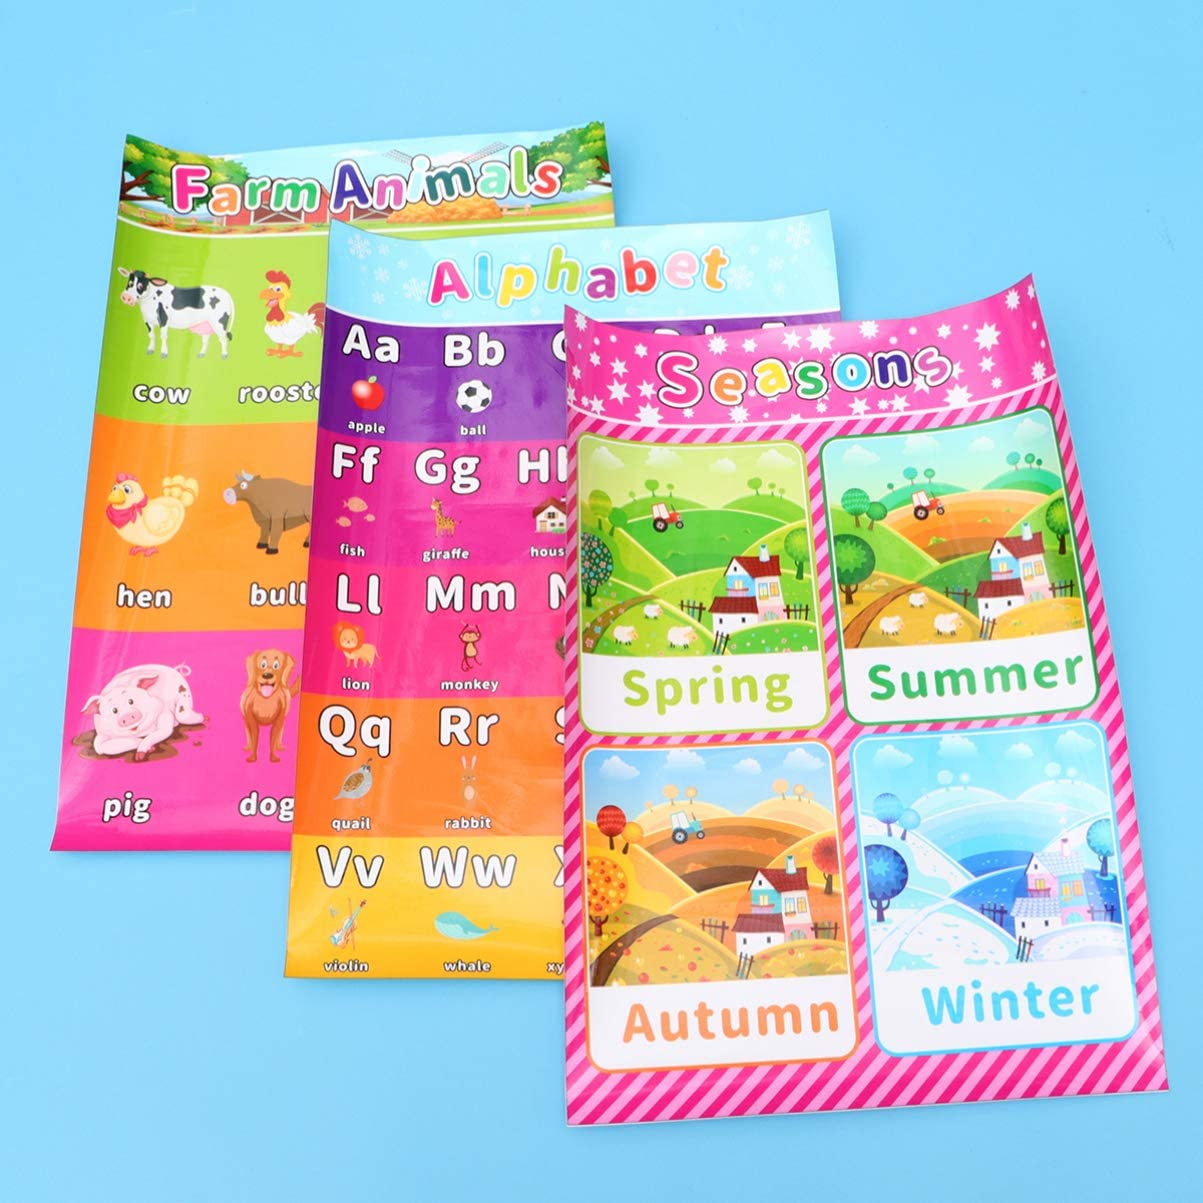 Ense/ñar N/úmeros Alfabeto Colores Meses y M/ás 16 x 11 Pulgadas 8 Carteles Educativos Preescolares para Aprendizaje de Beb/é y Ni/ño con 60 Puntos de Pegamento para Escuela en Casa Guarder/ía